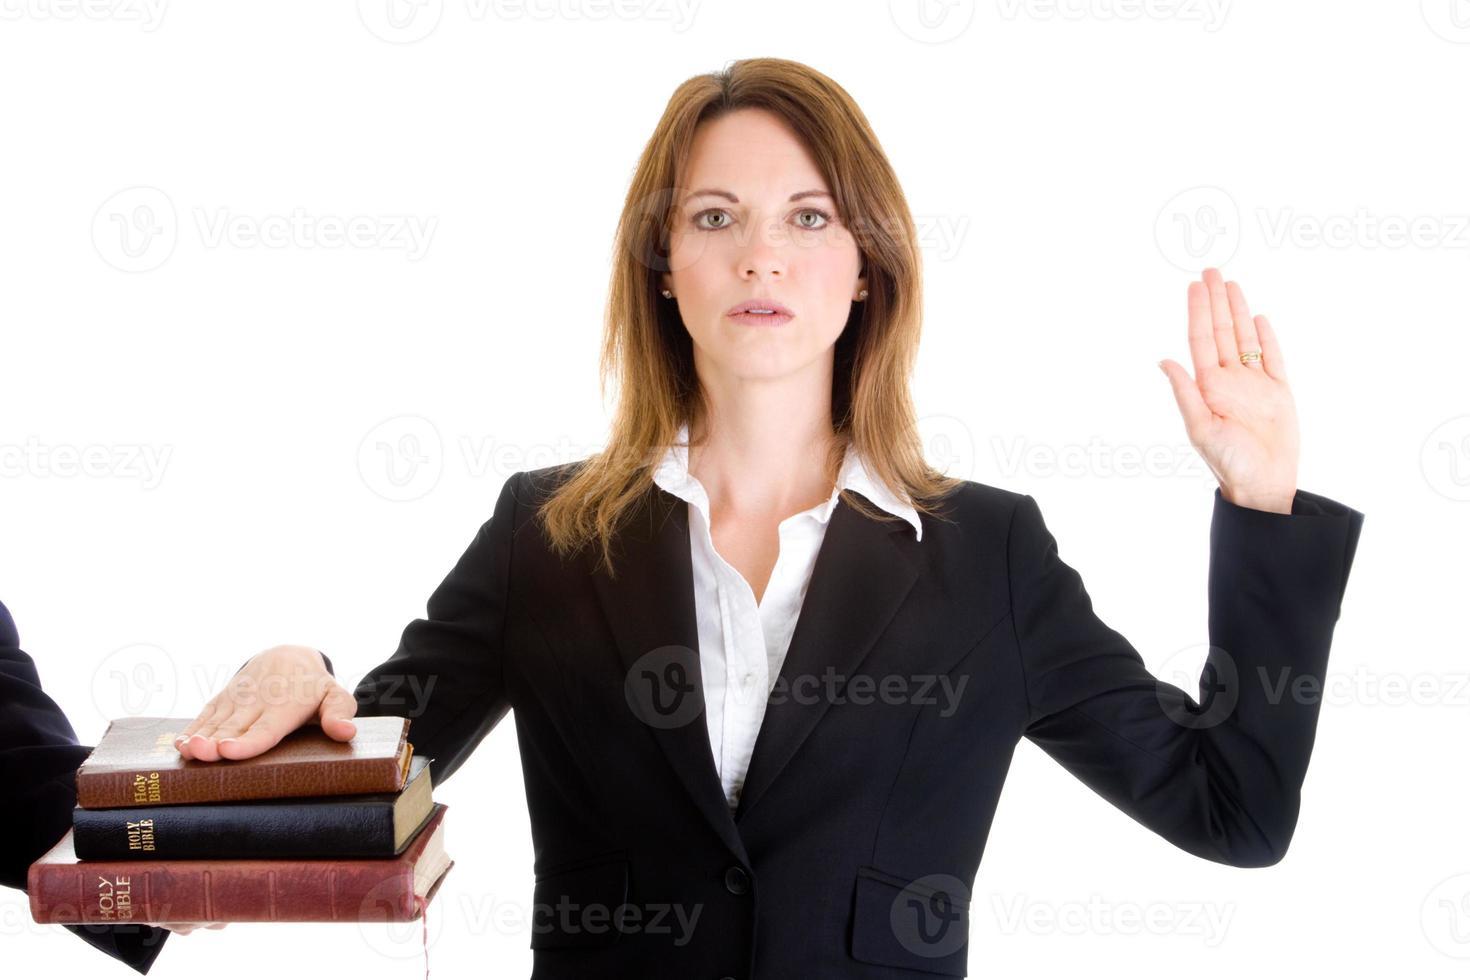 donna caucasica giurare su una pila di bibbie sfondo bianco foto